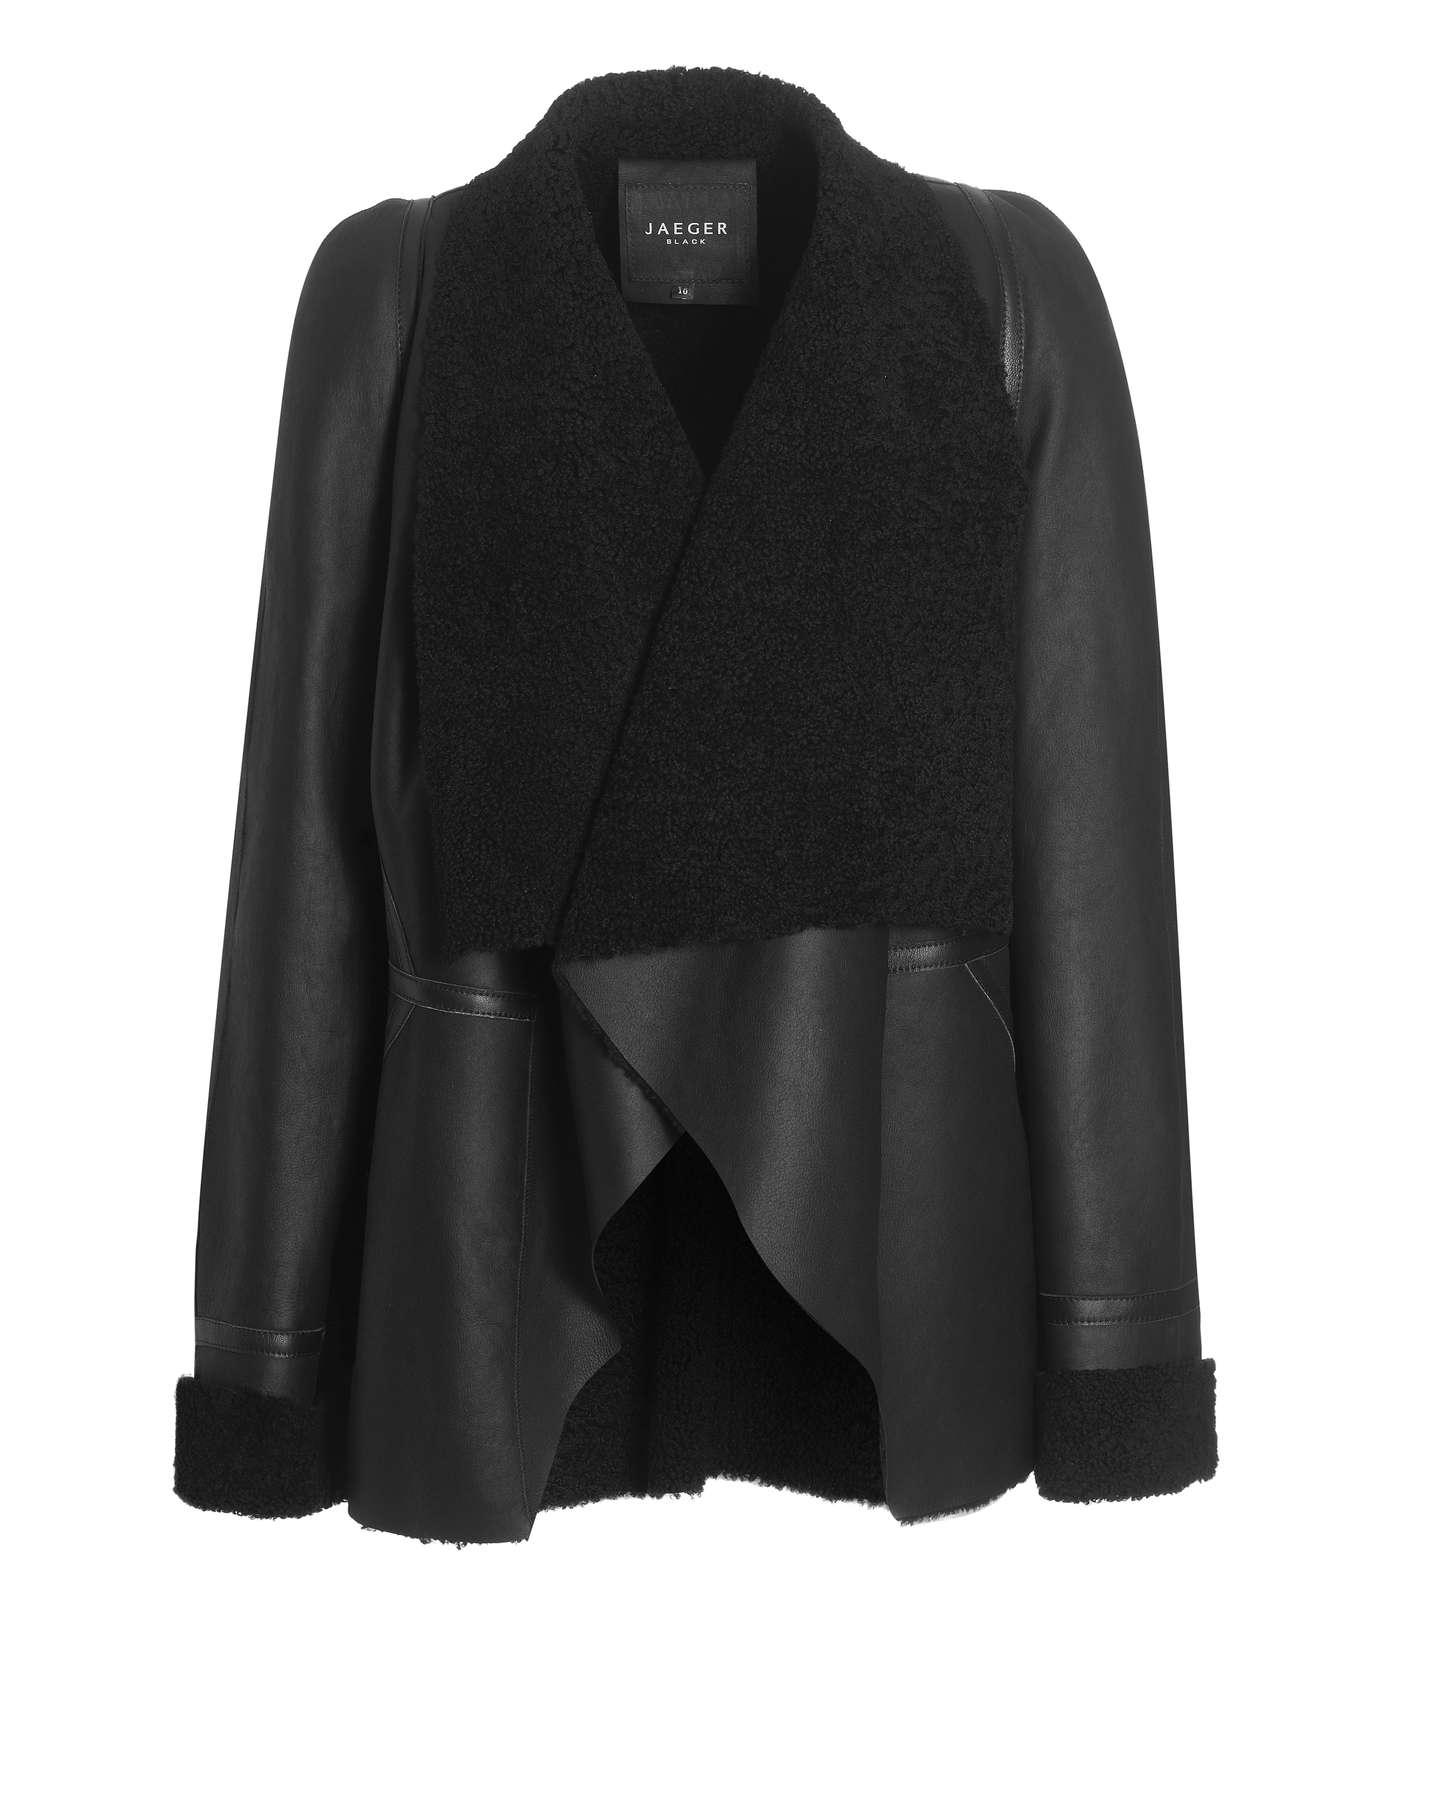 Jaeger Sheepskin Waterfall Jacket in Black | Lyst